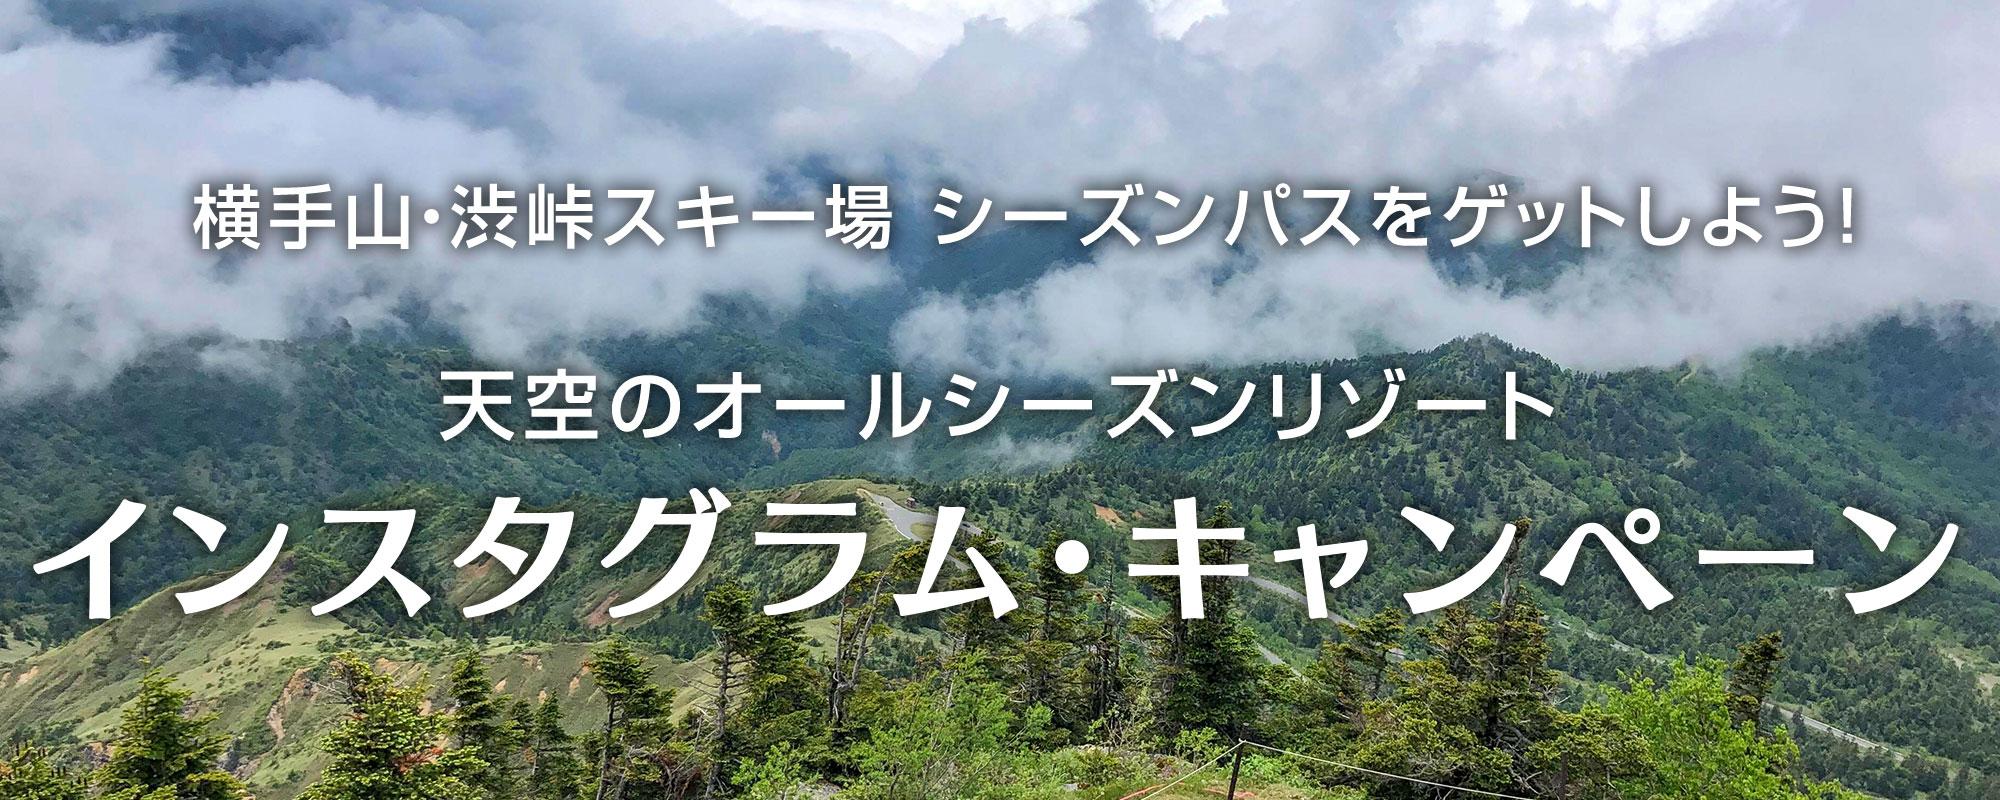 横手山・渋峠スキー場 シーズンパスをゲットしよう! 天空のオールシーズンリゾート インスタグラム・キャンペーン